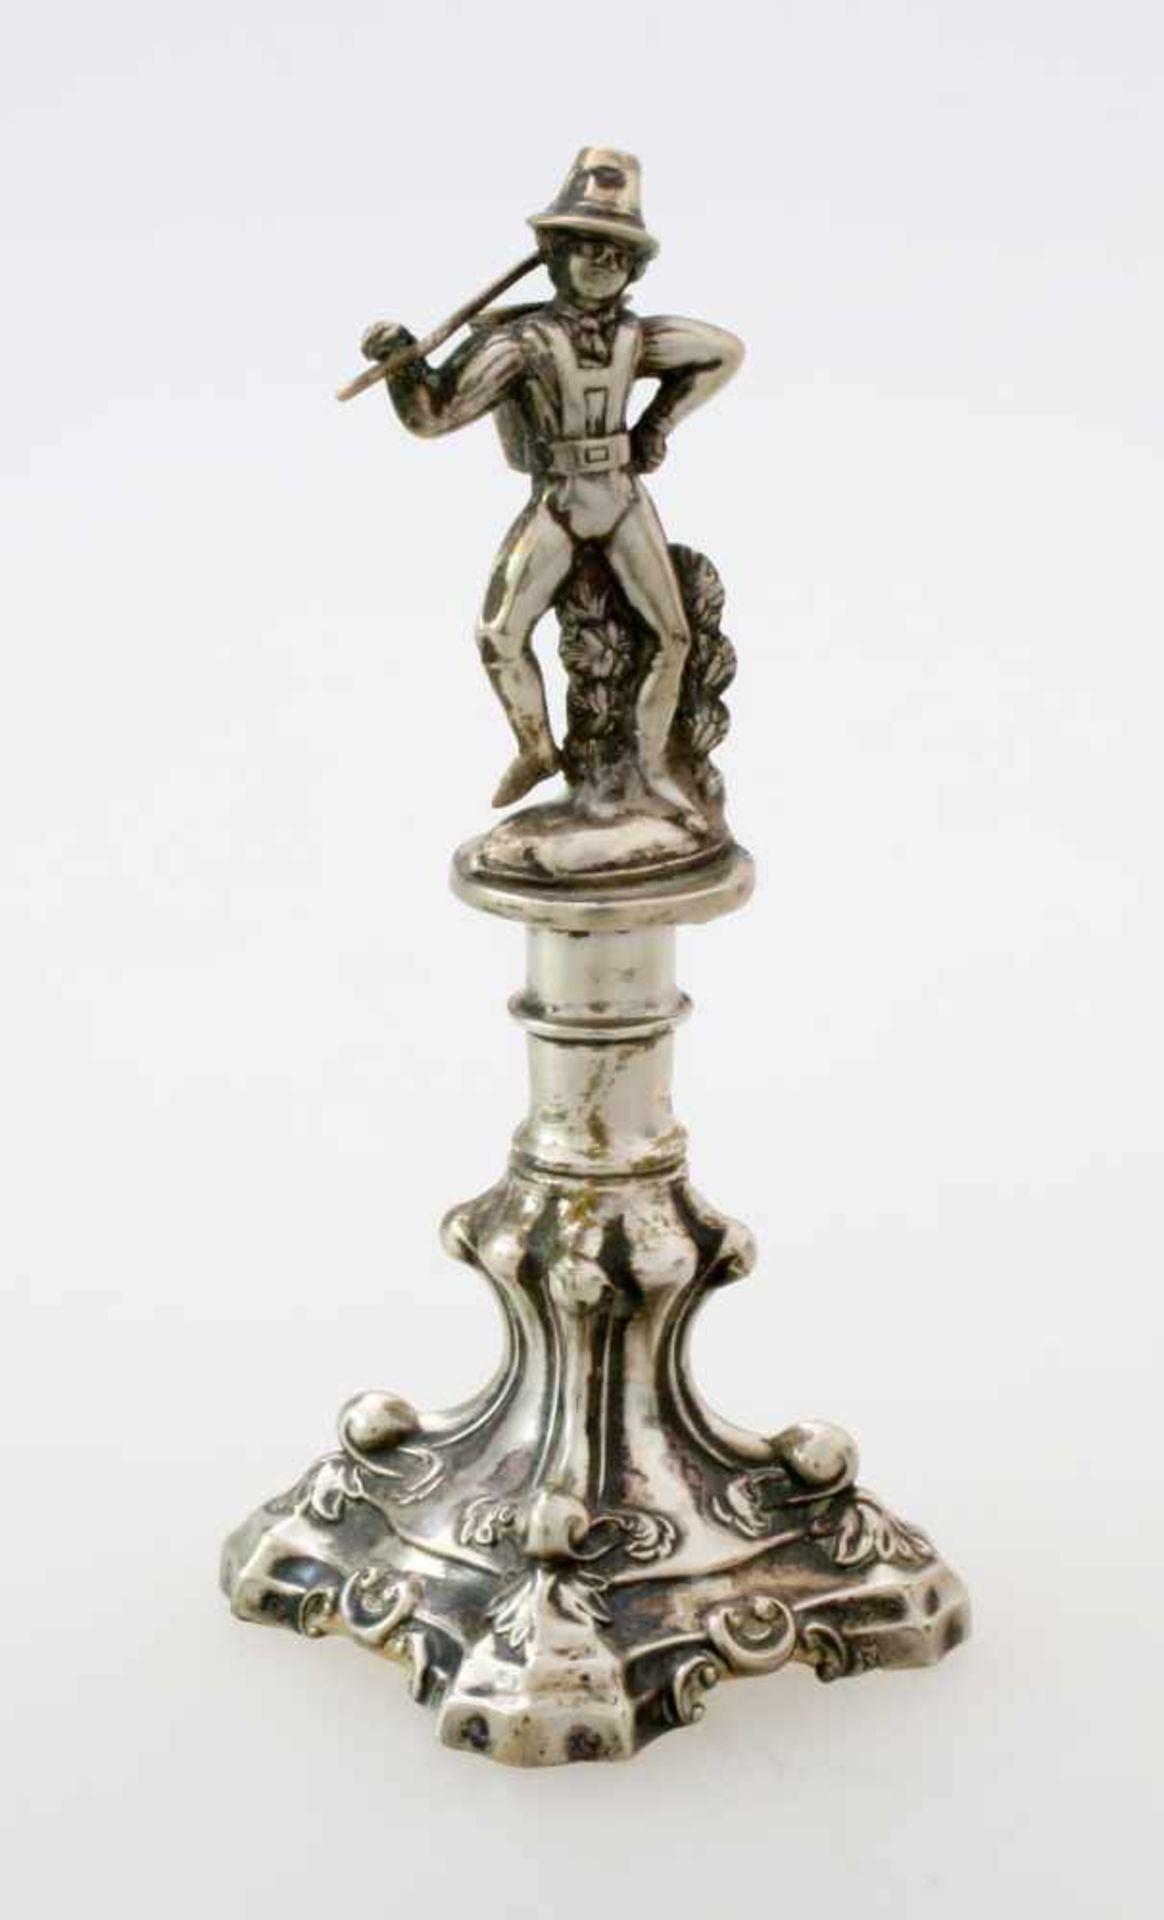 Silberner Kerzenleuchter um 1830Mehrpassiger Volutensockel, floral verziert, Balusterschaft,